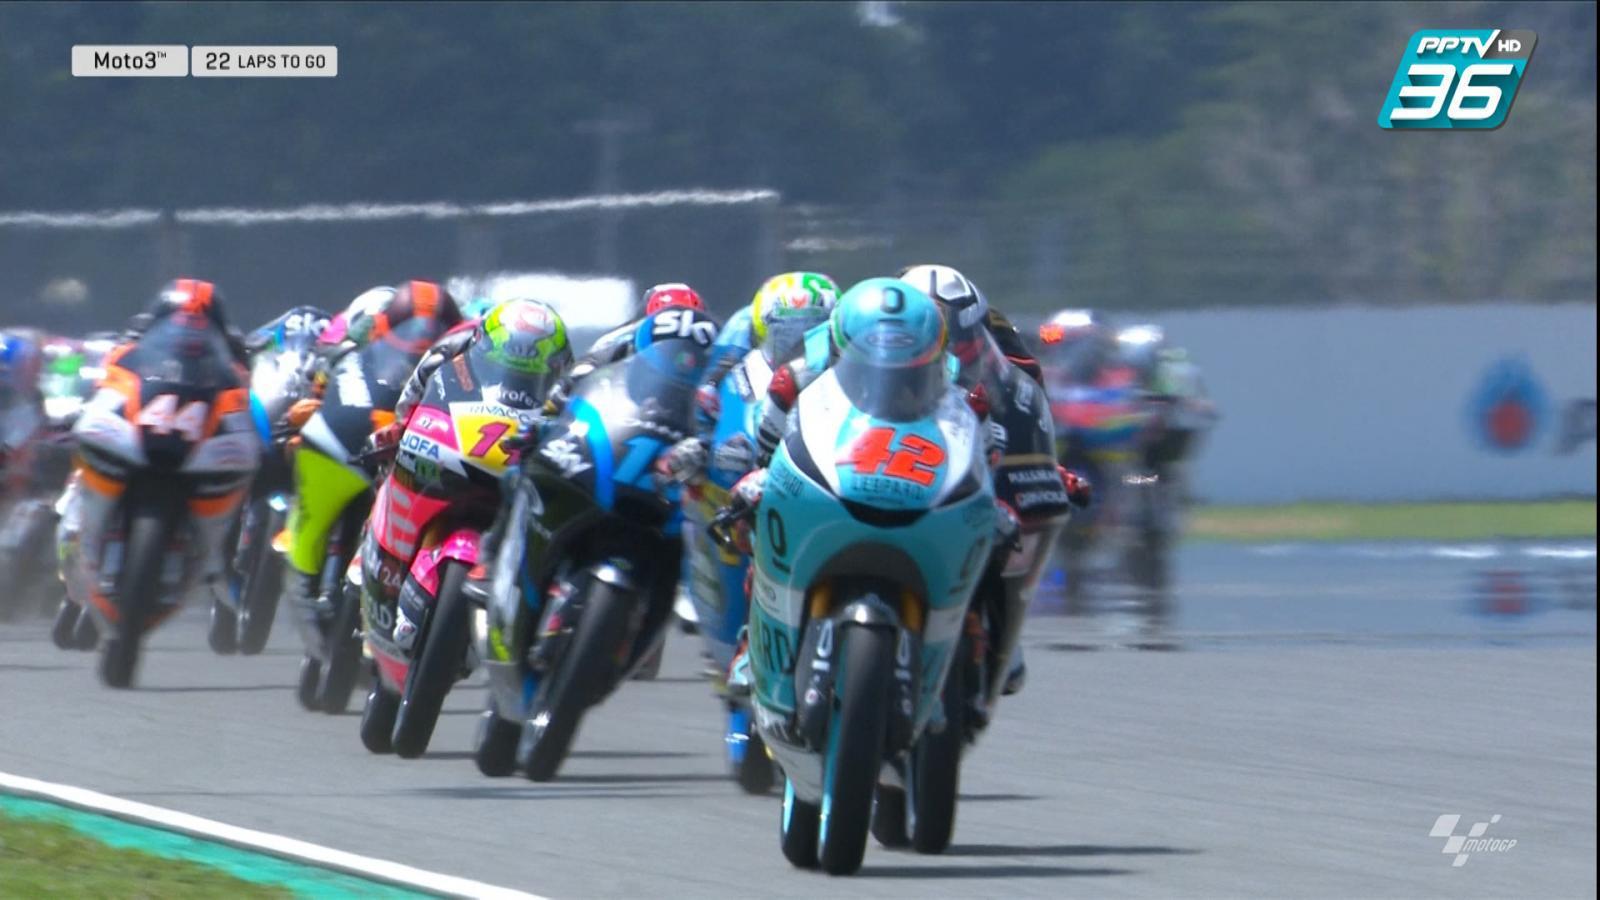 MotoGP 2019 รุ่น Moto3 เริ่มเเข่งขัน